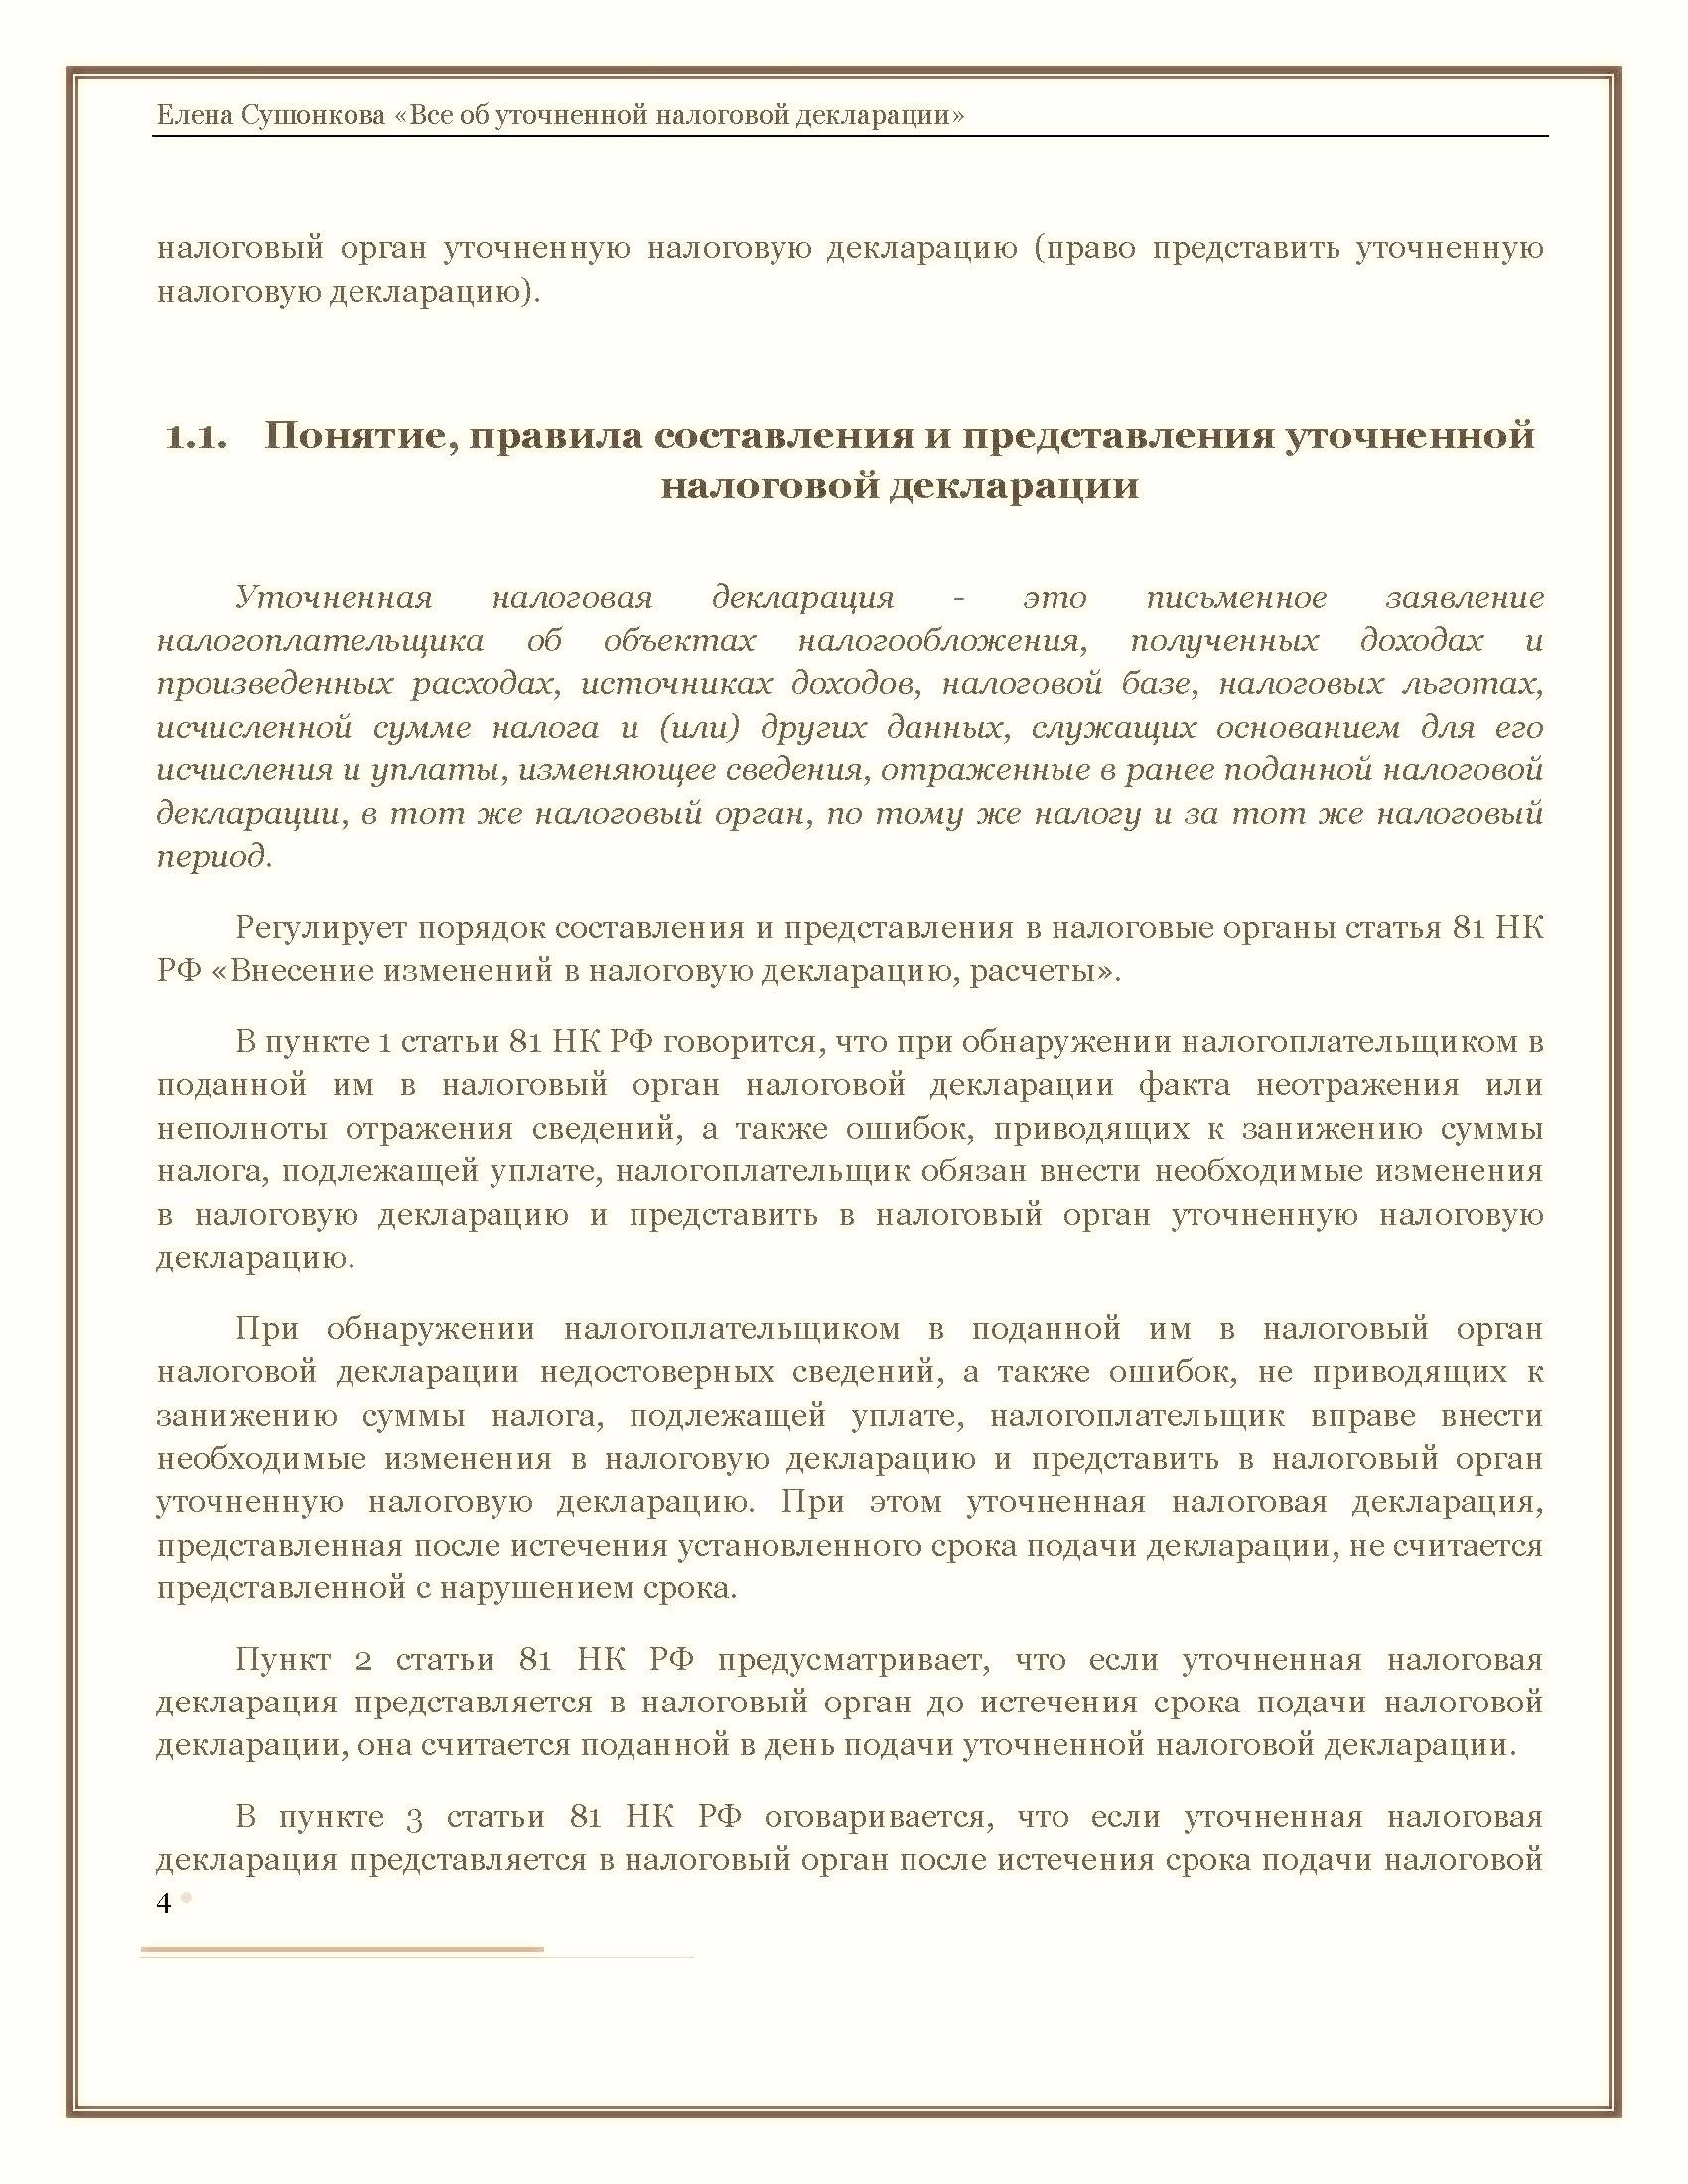 Какой срок подать уточненную декларацию по ндфл регистрация ип на патенте пошаговая инструкция в 2019